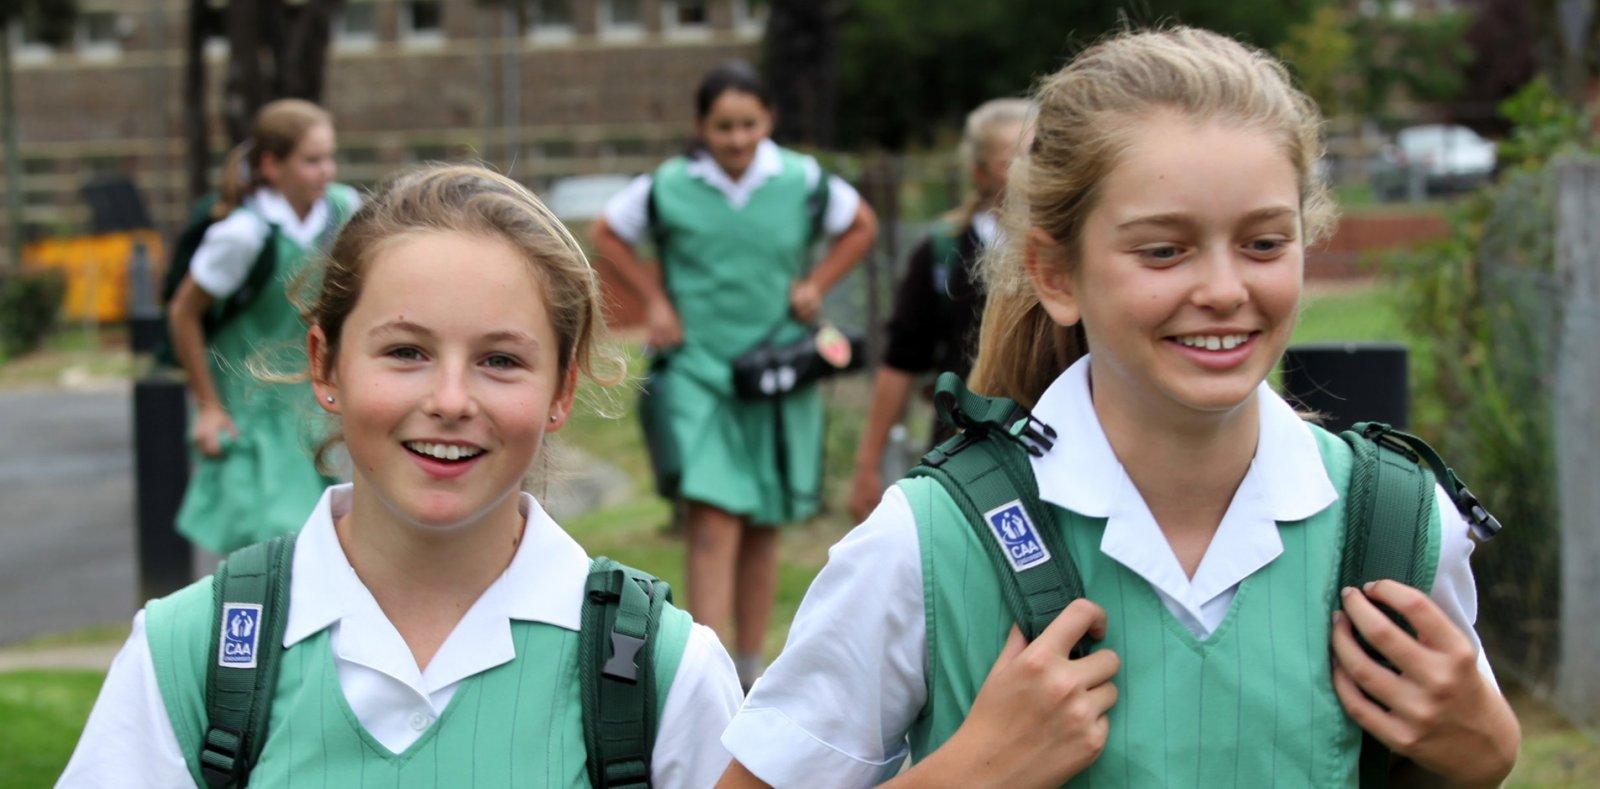 School Uniforms Australia, Babushki letyat v Avstraliyu, rospersonal, otzyvy, Evgeny Matveevich Mikhaylov, Immigration Agent Australia 33h.jpg